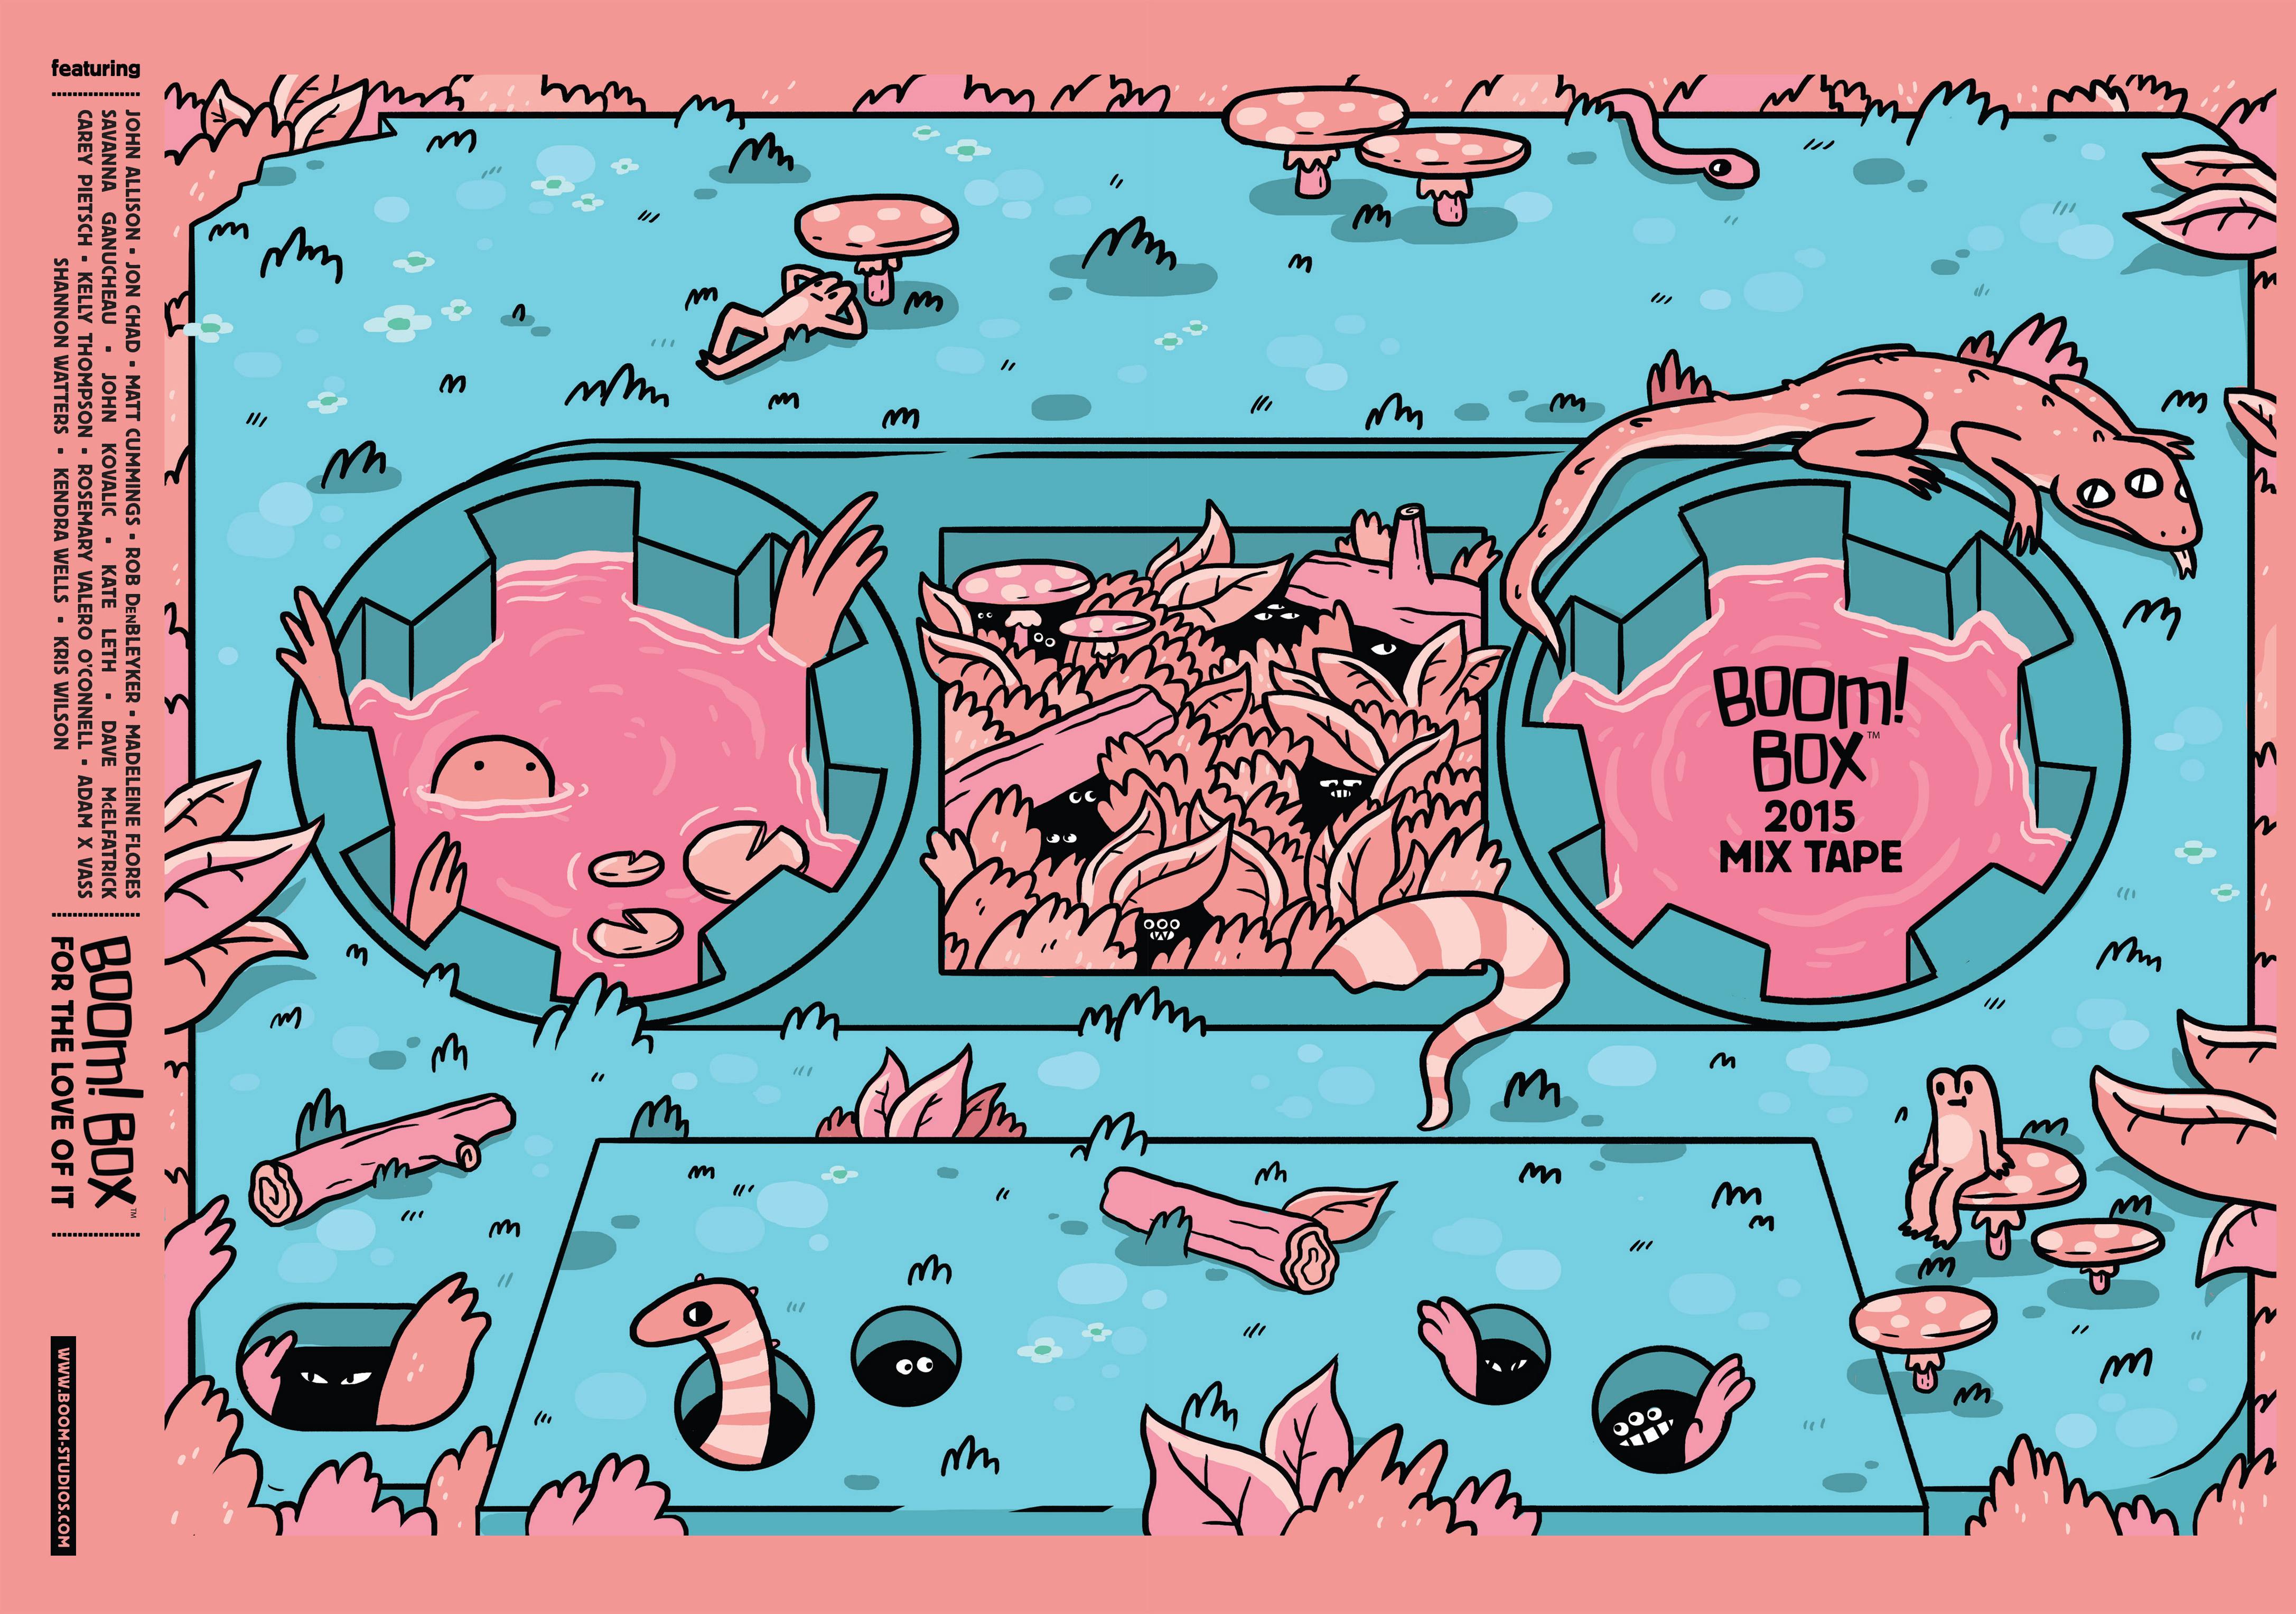 BOOM Box 2015 Mix Tape Full